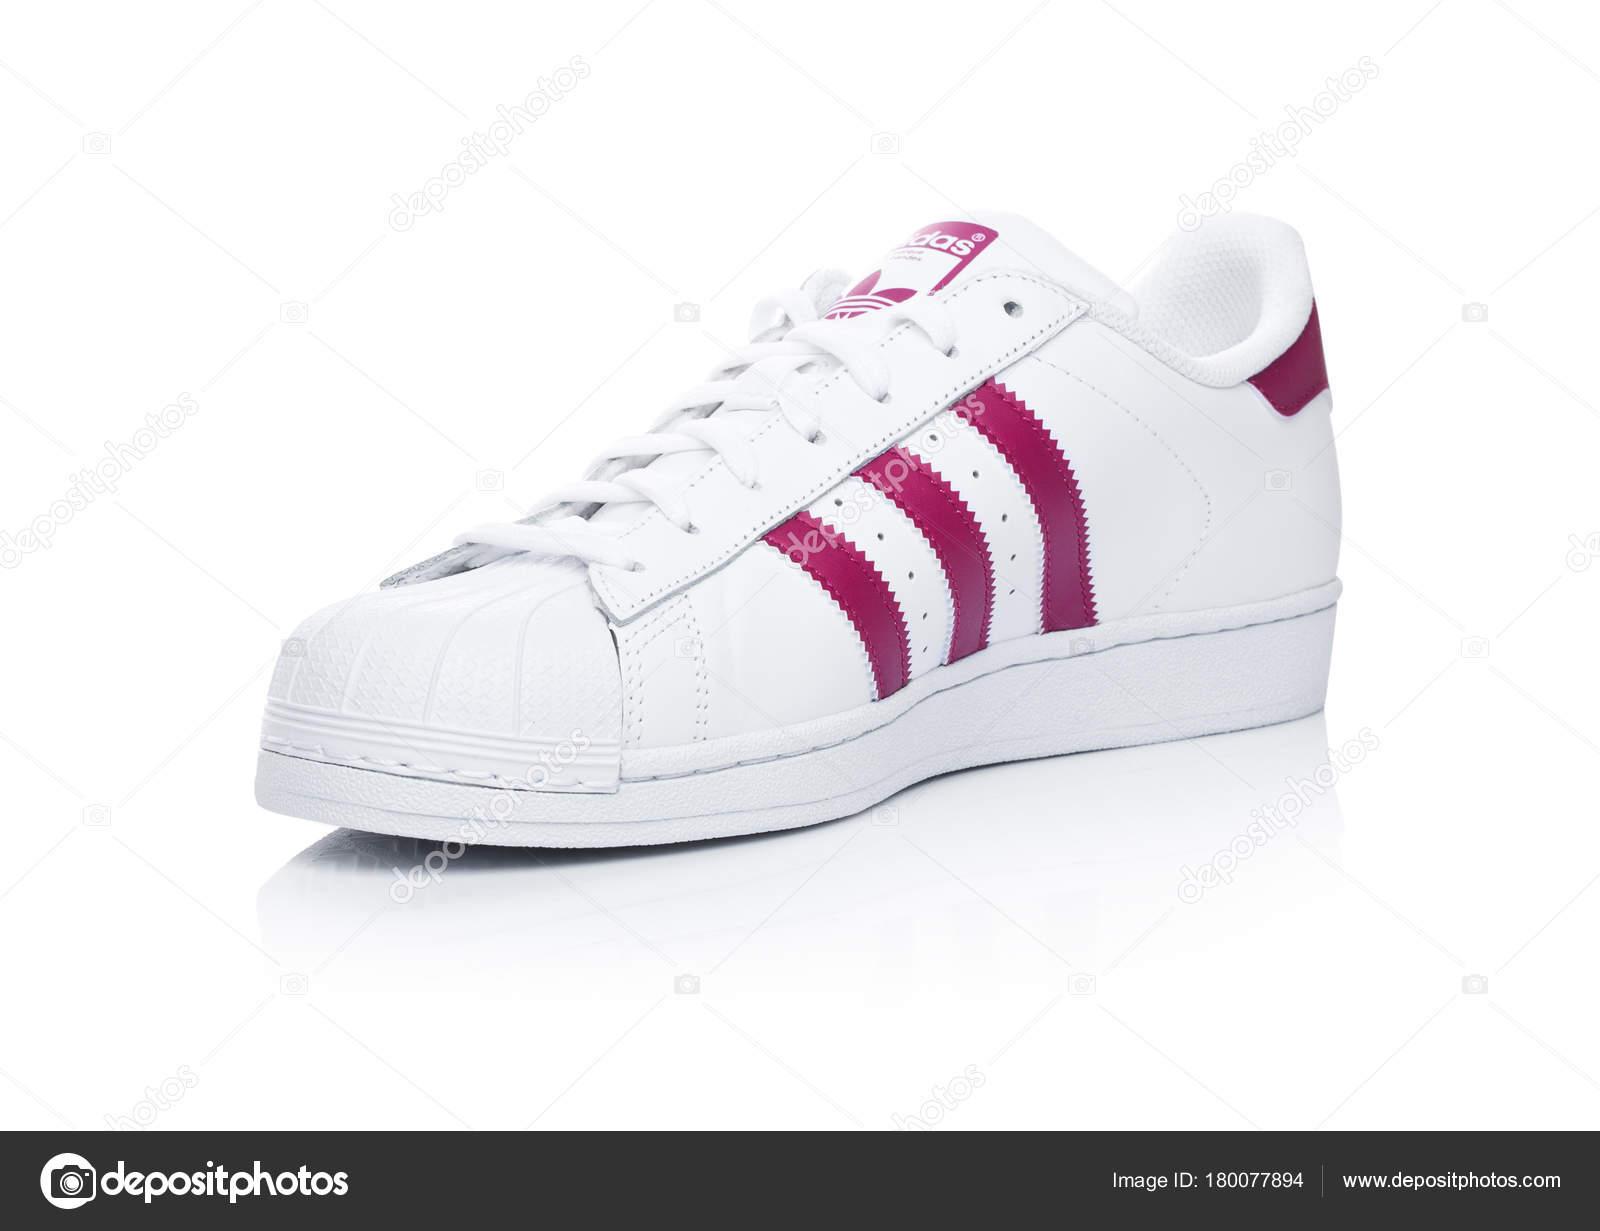 detailed look dc1b9 70f26 Londra, Uk - 12 gennaio 2018  Scarpe Adidas Originals Superstar rosso su  priorità bassa bianca. Multinazionale tedesca che progetta e produce scarpe  ...